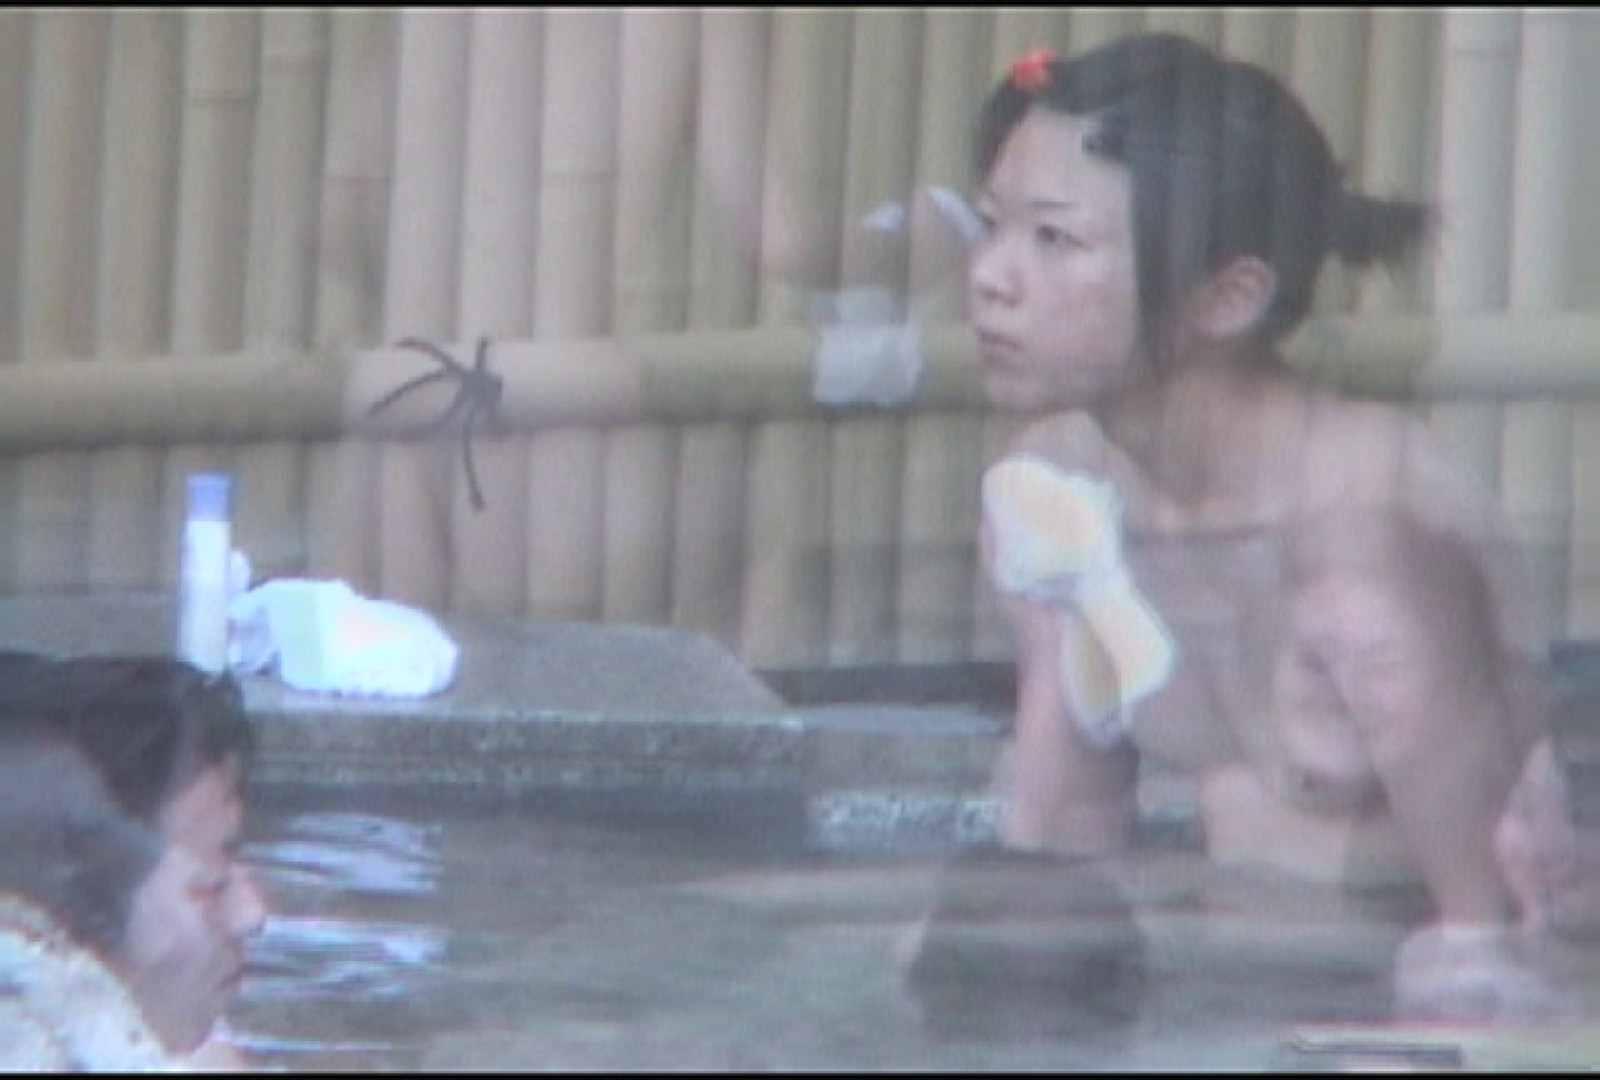 Aquaな露天風呂Vol.175 OLのエロ生活  71連発 21